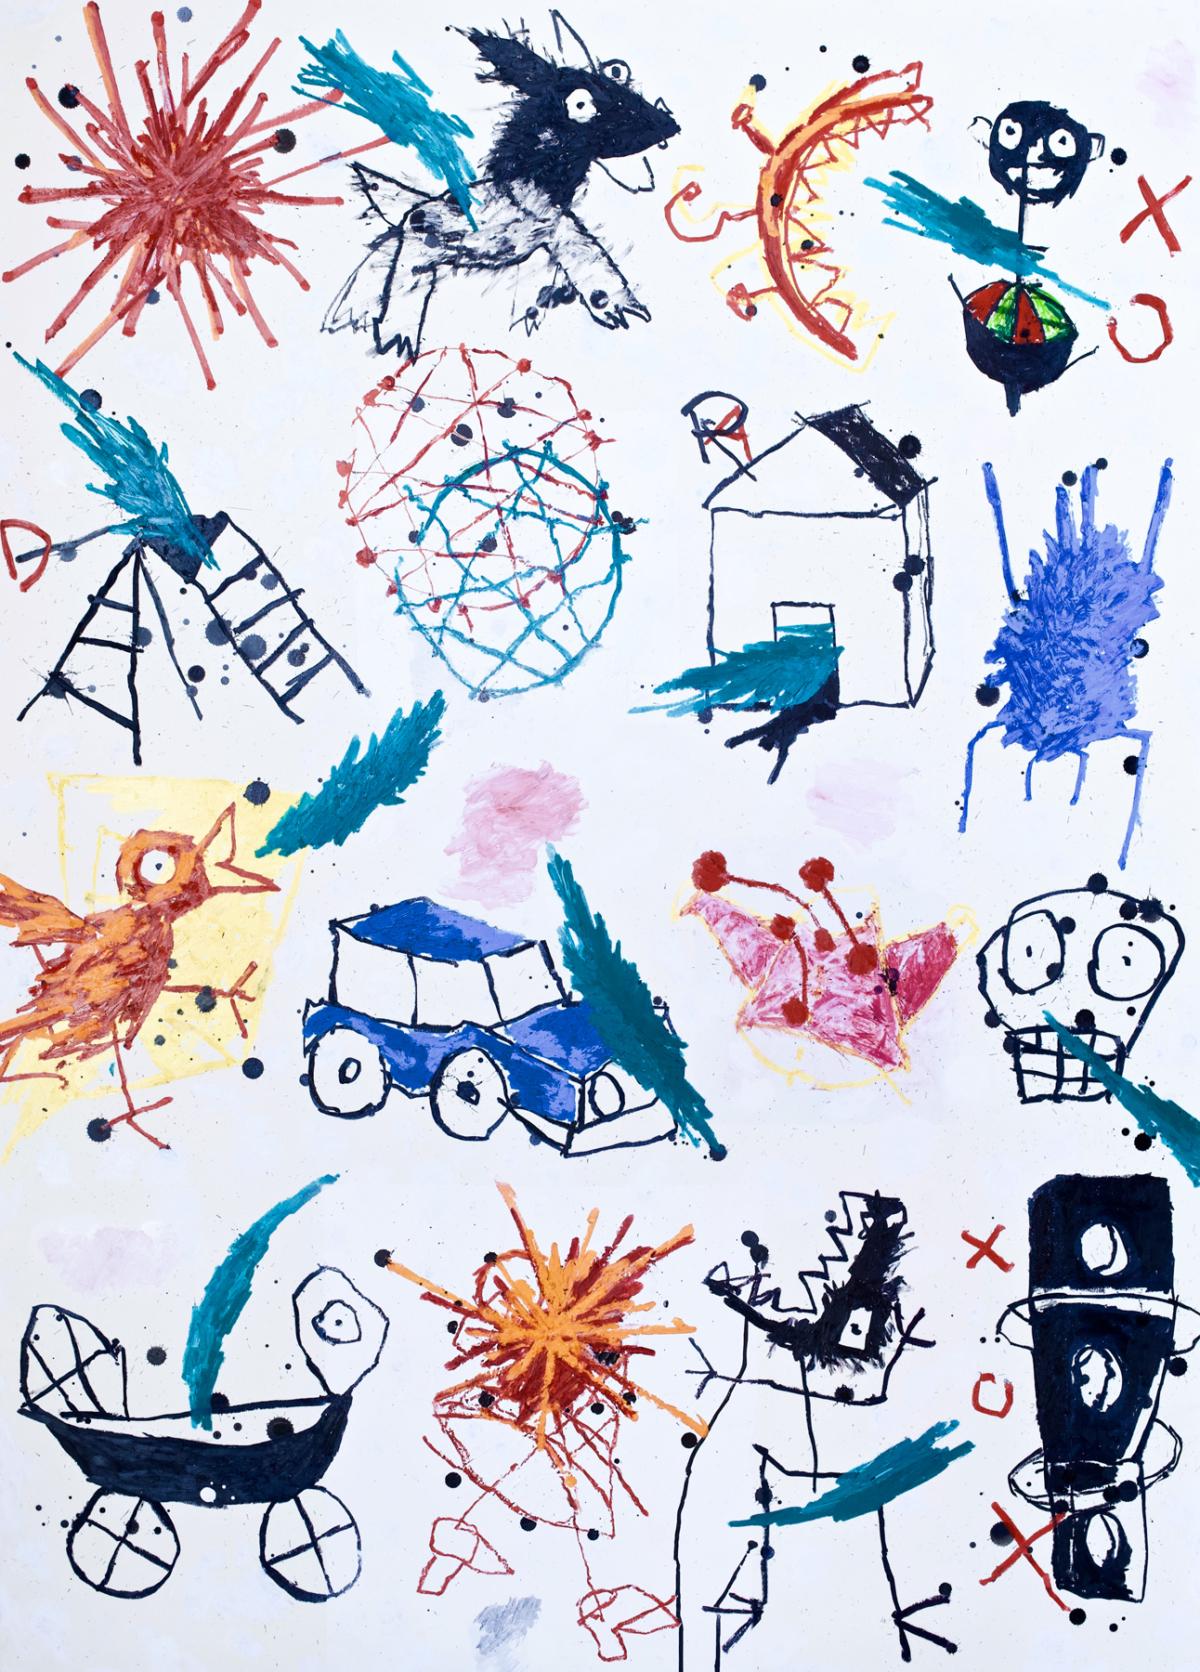 Place de l'étoile, 2020 Huile, pastel et encre de chine sur carton 140 x 100 cm, (collection privée) ©ROCHEGAUSSEN